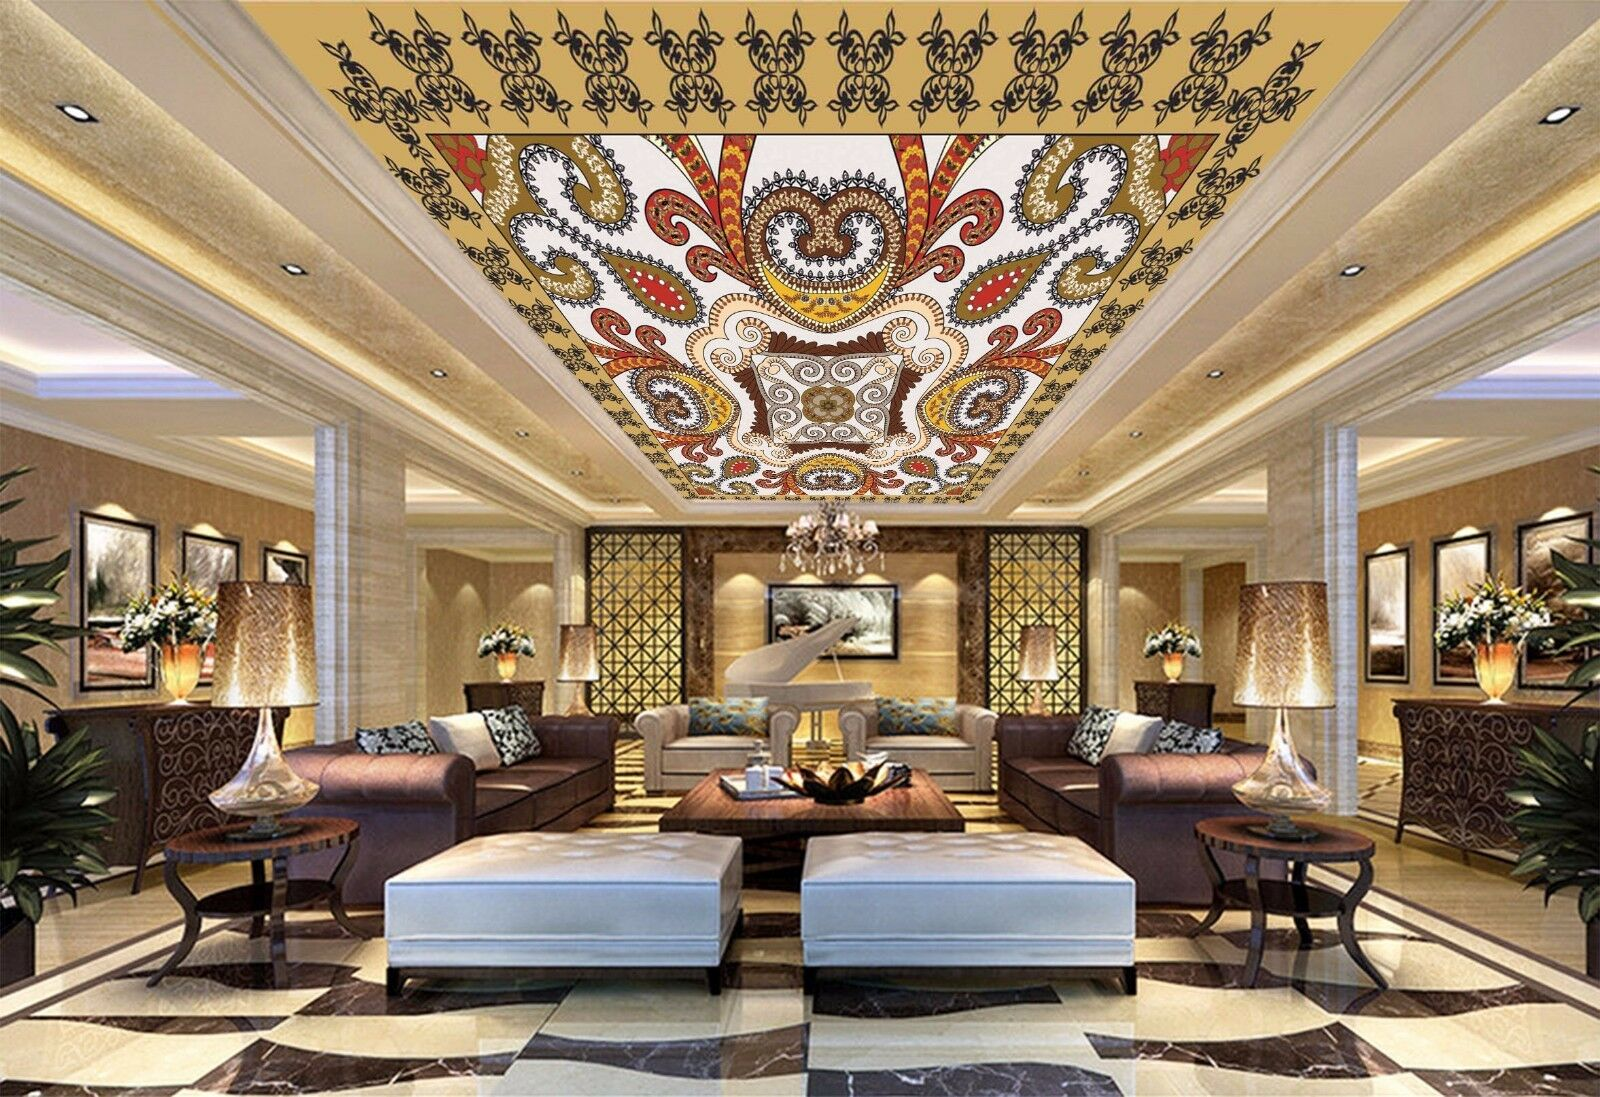 3D Cute Design 72 Ceiling WallPaper Murals Wall Print Decal Deco AJ WALLPAPER GB